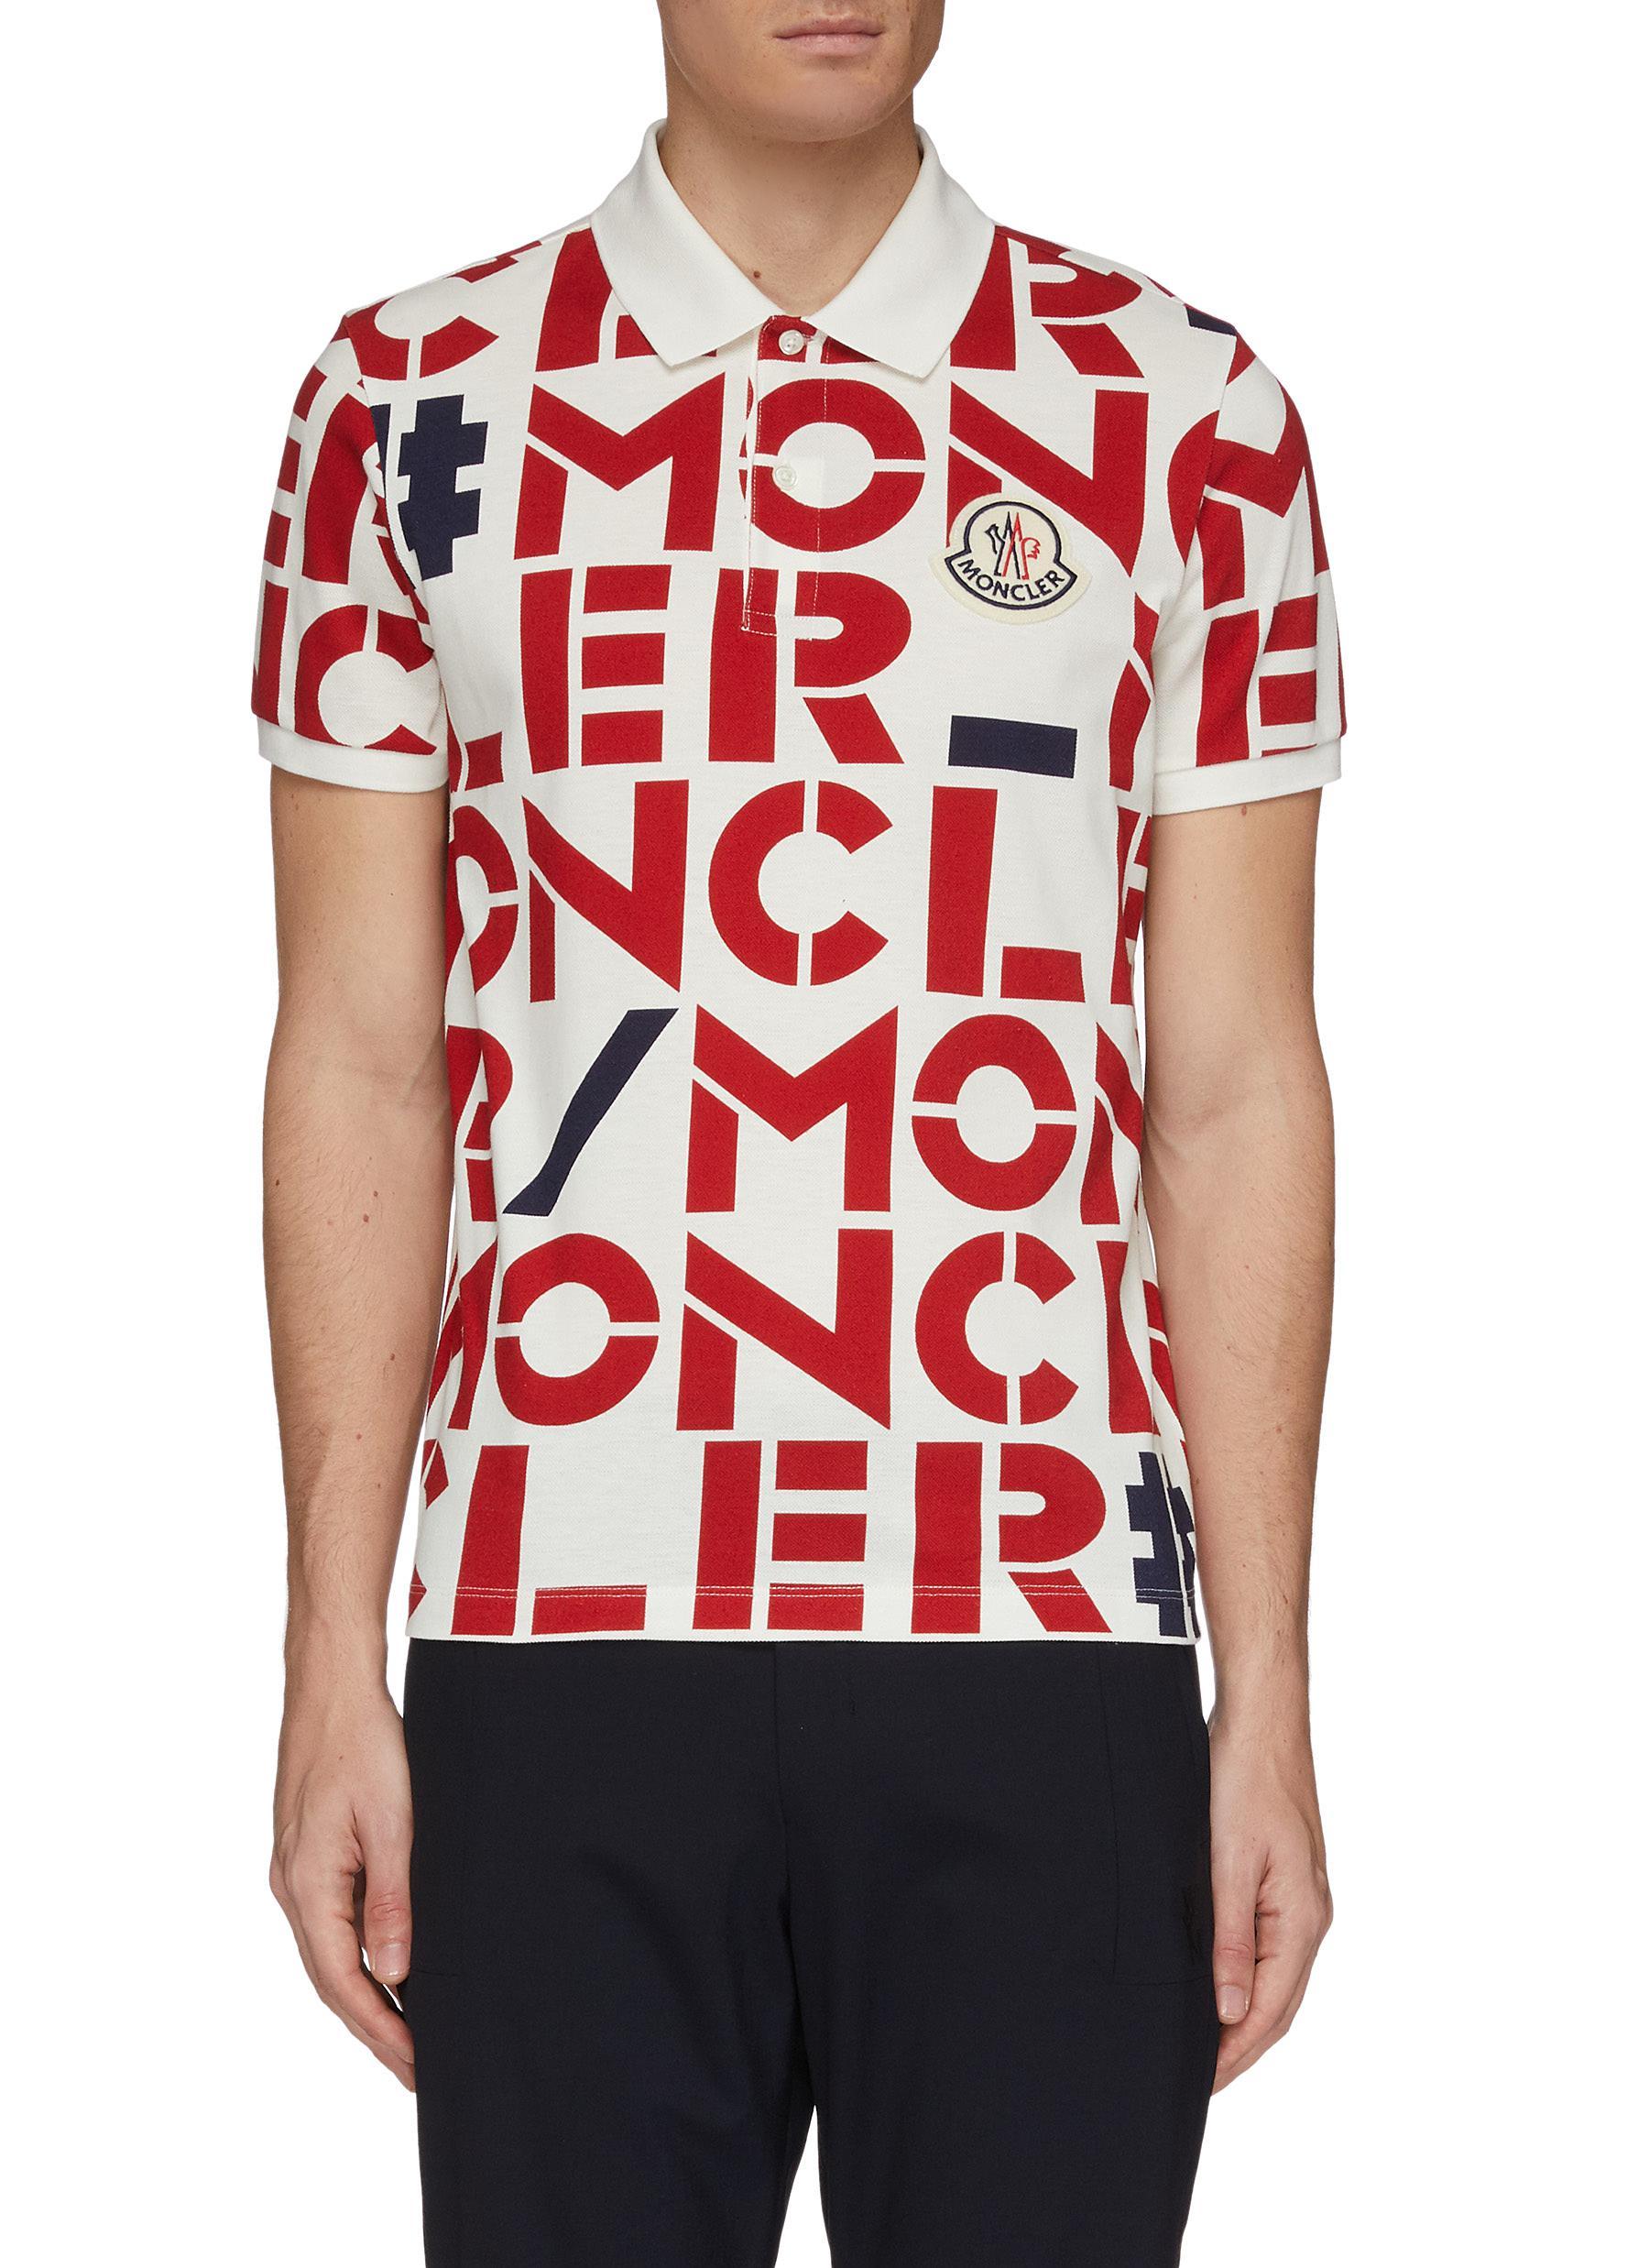 6719de6a6 MONCLER GENIUS   x 1952 logo print polo shirt   Men   Lane Crawford